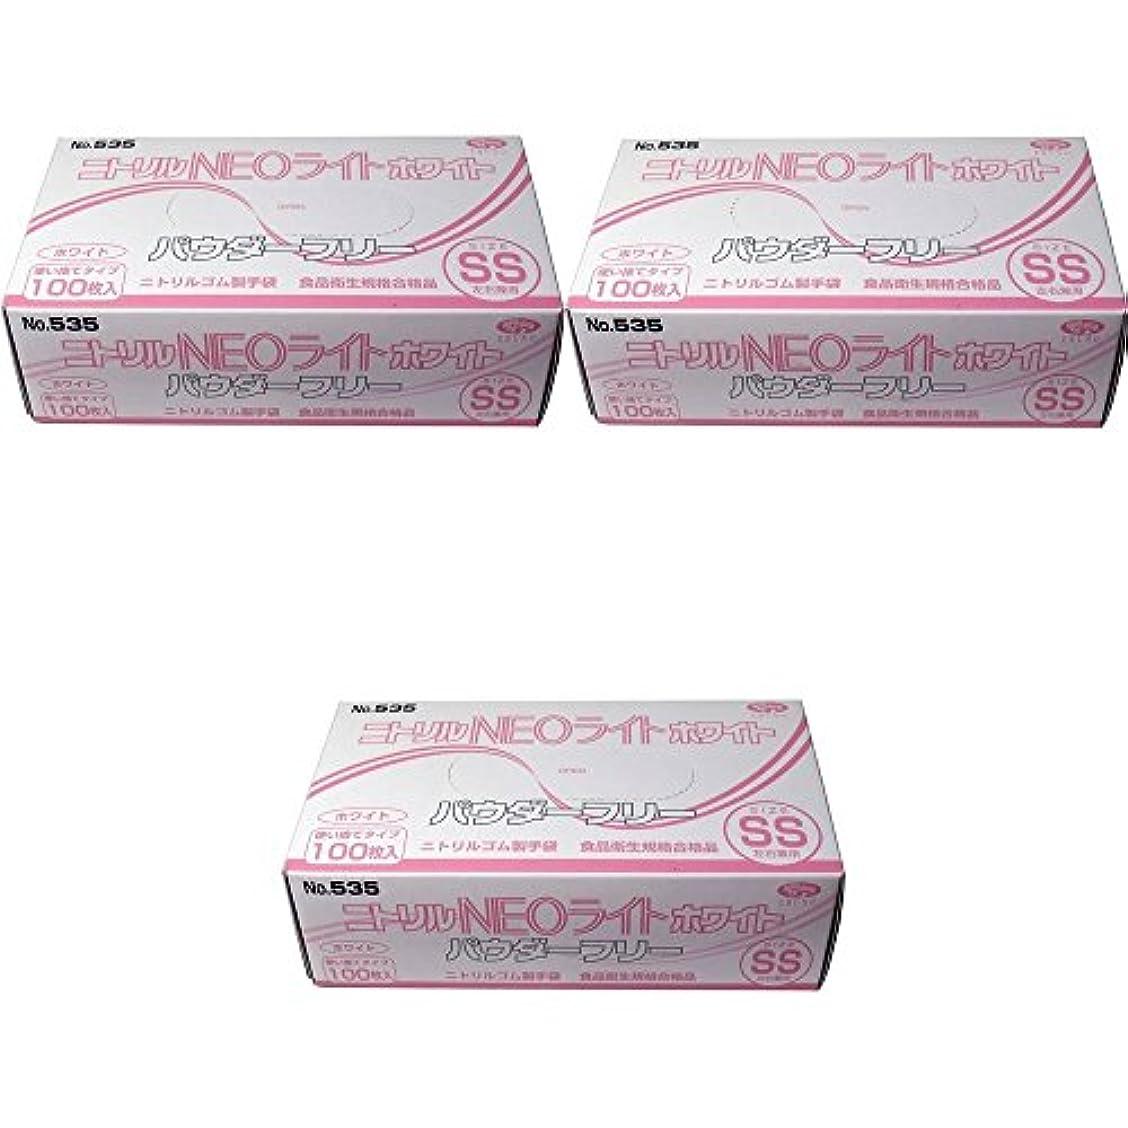 保証スコアダイエット【セット品】ニトリル手袋 パウダーフリー ホワイト SSサイズ 3個